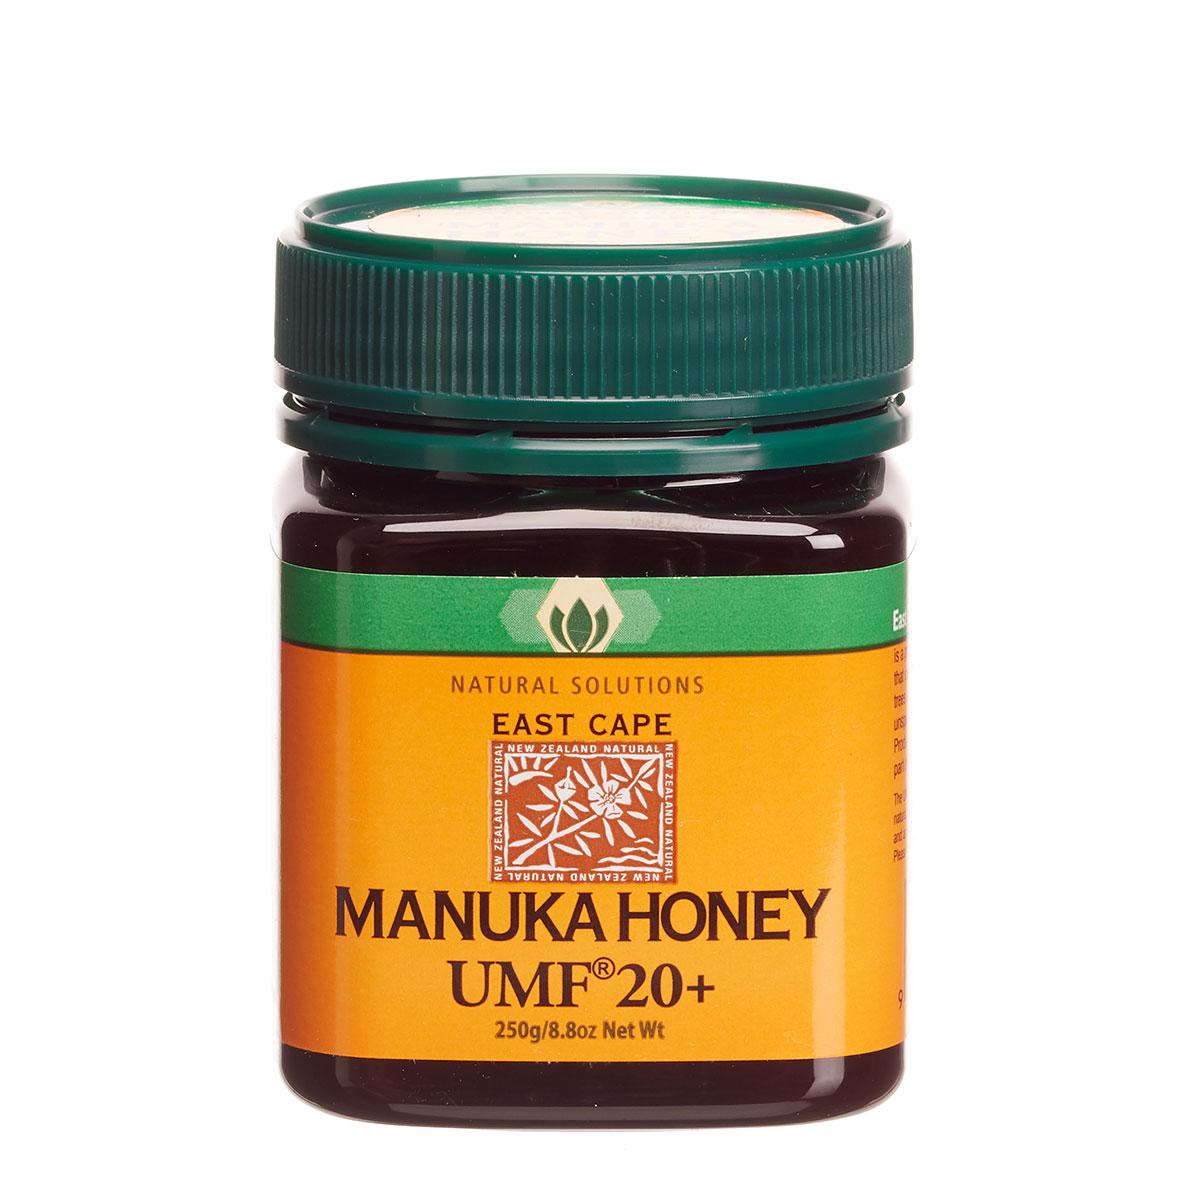 Manuka Honey UMF 20+, MG 829mg/kg